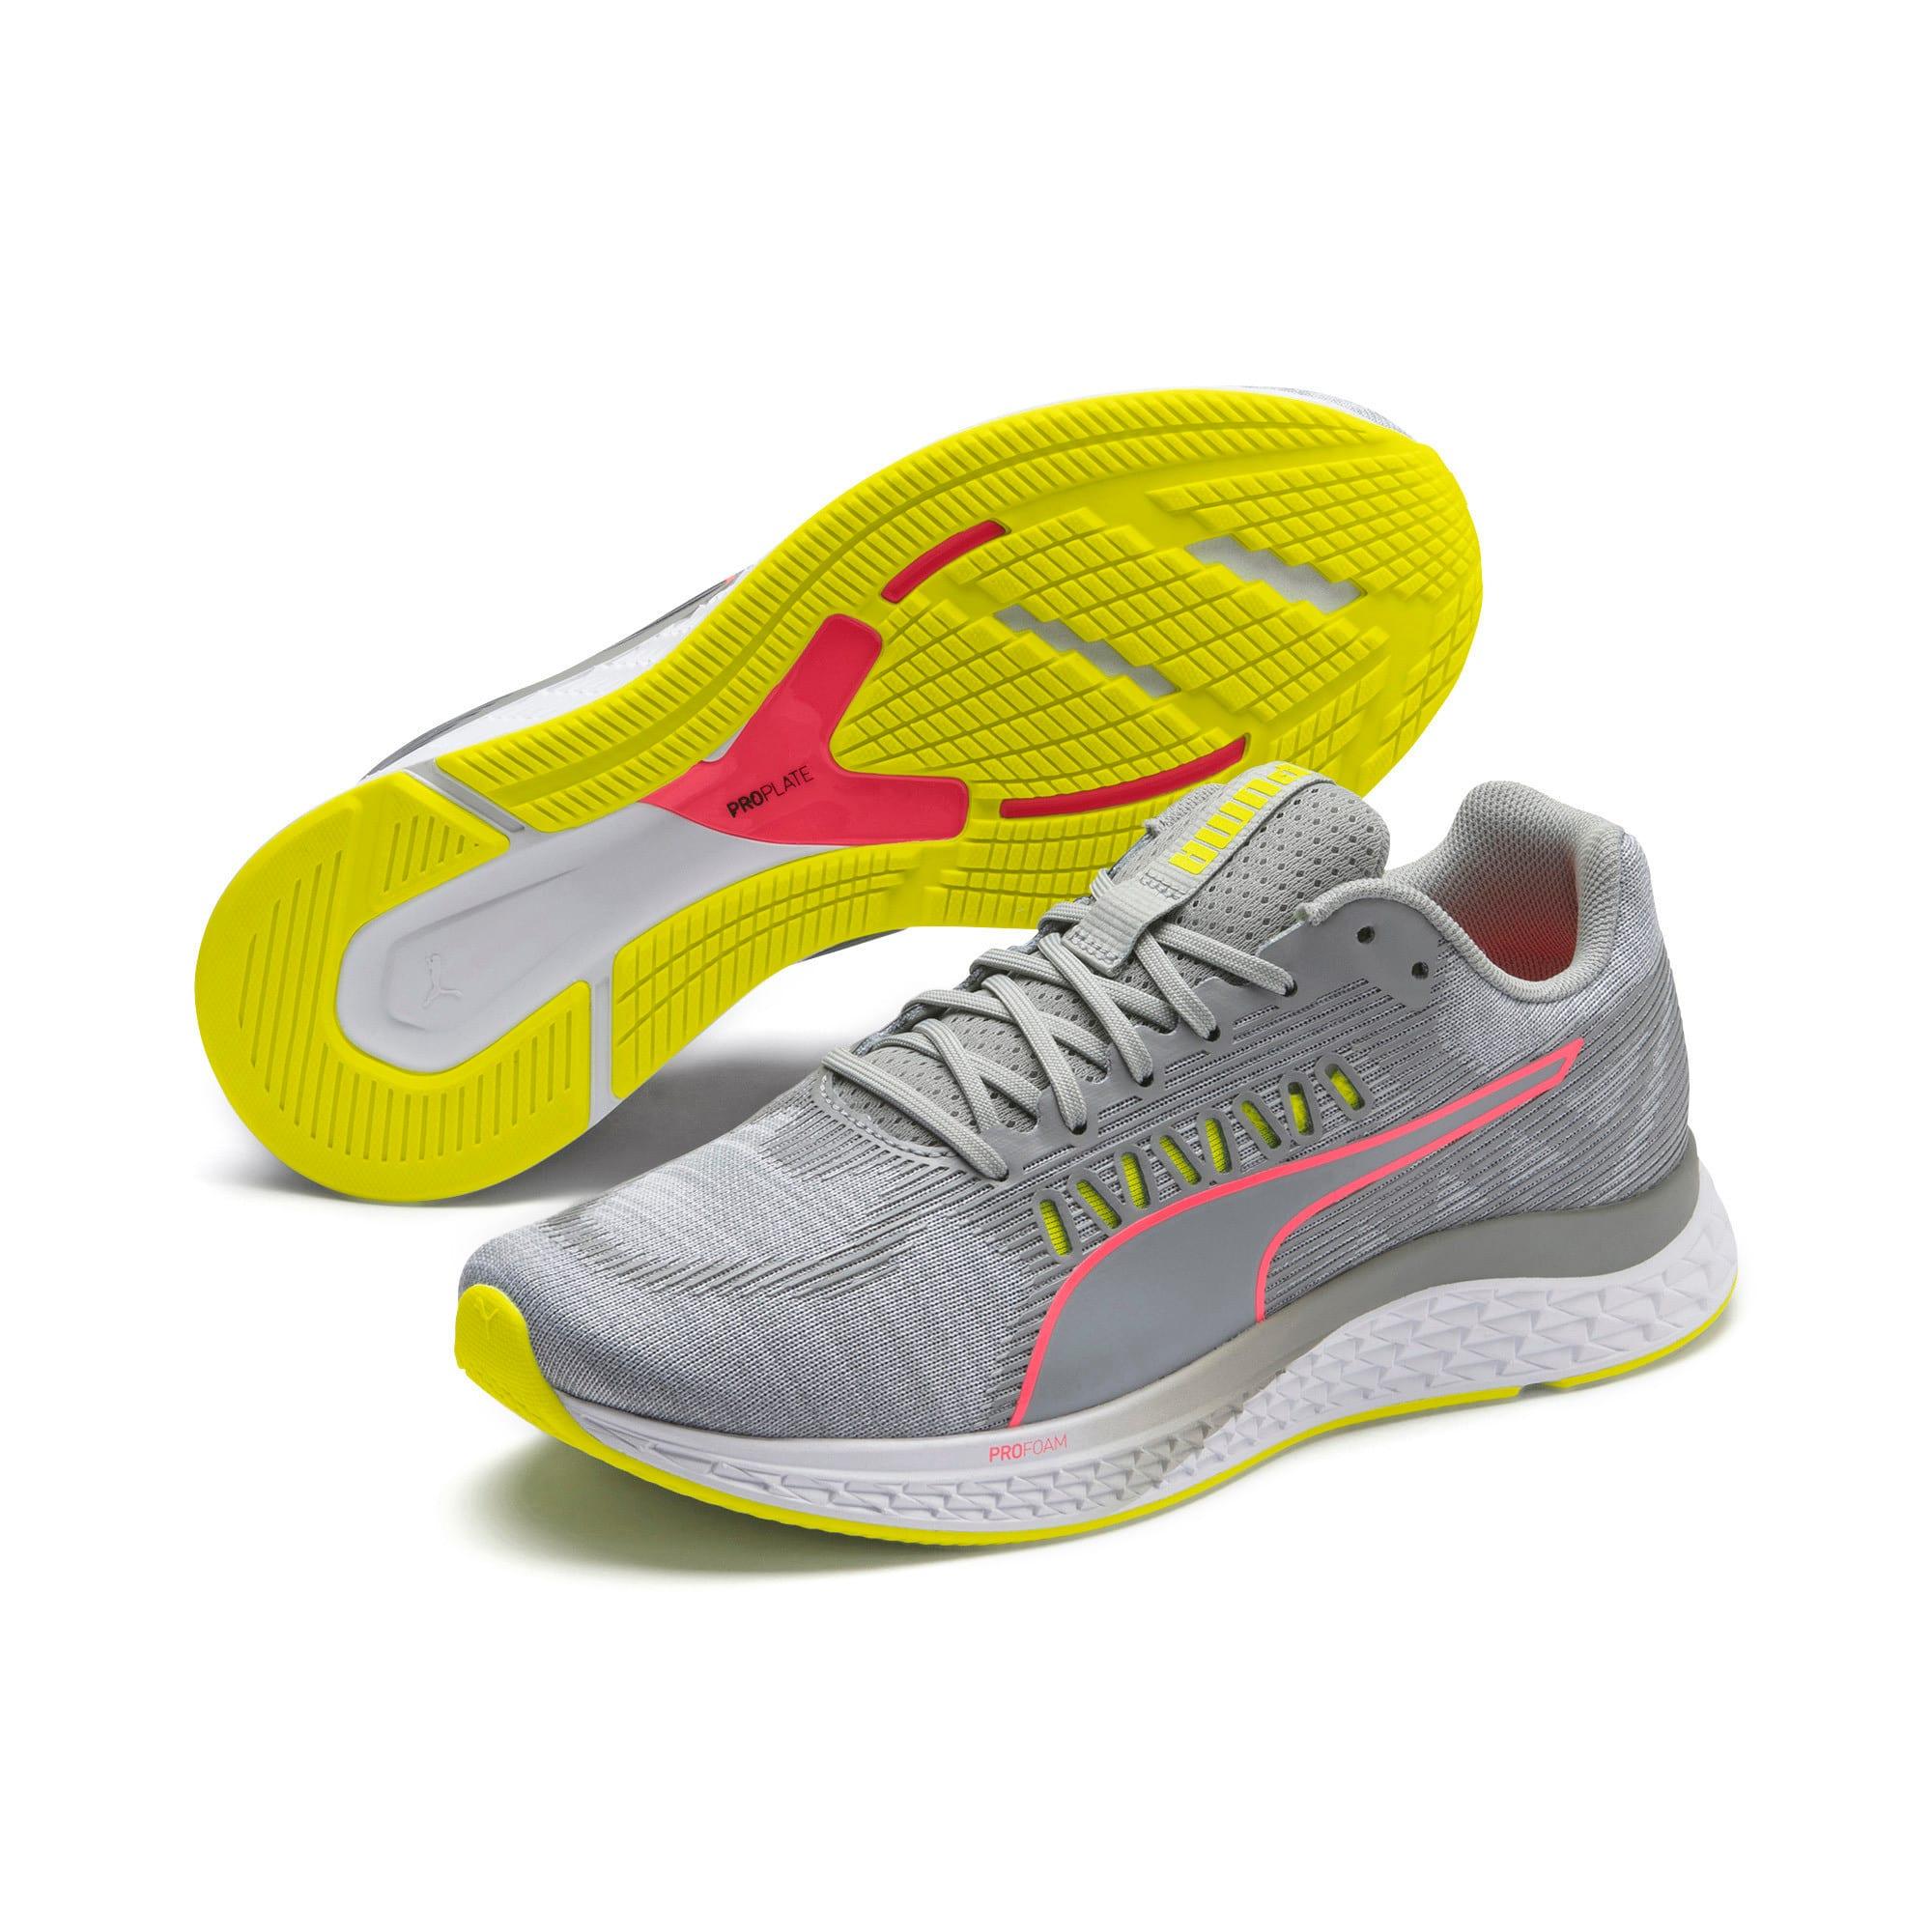 Thumbnail 3 van Speed Sutamina hardloopschoenen voor vrouwen, Quarry-Yellow Alert-roze, medium